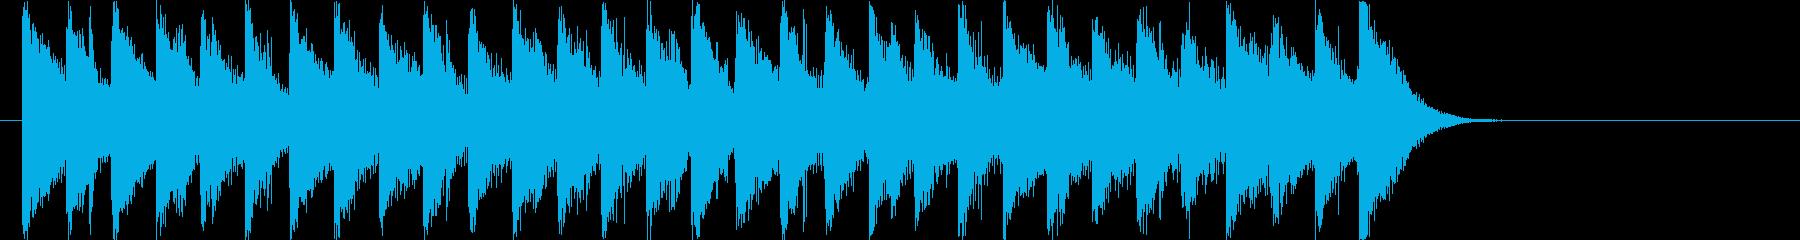 テンポの良い楽しく明るいロゴ・ジングルの再生済みの波形